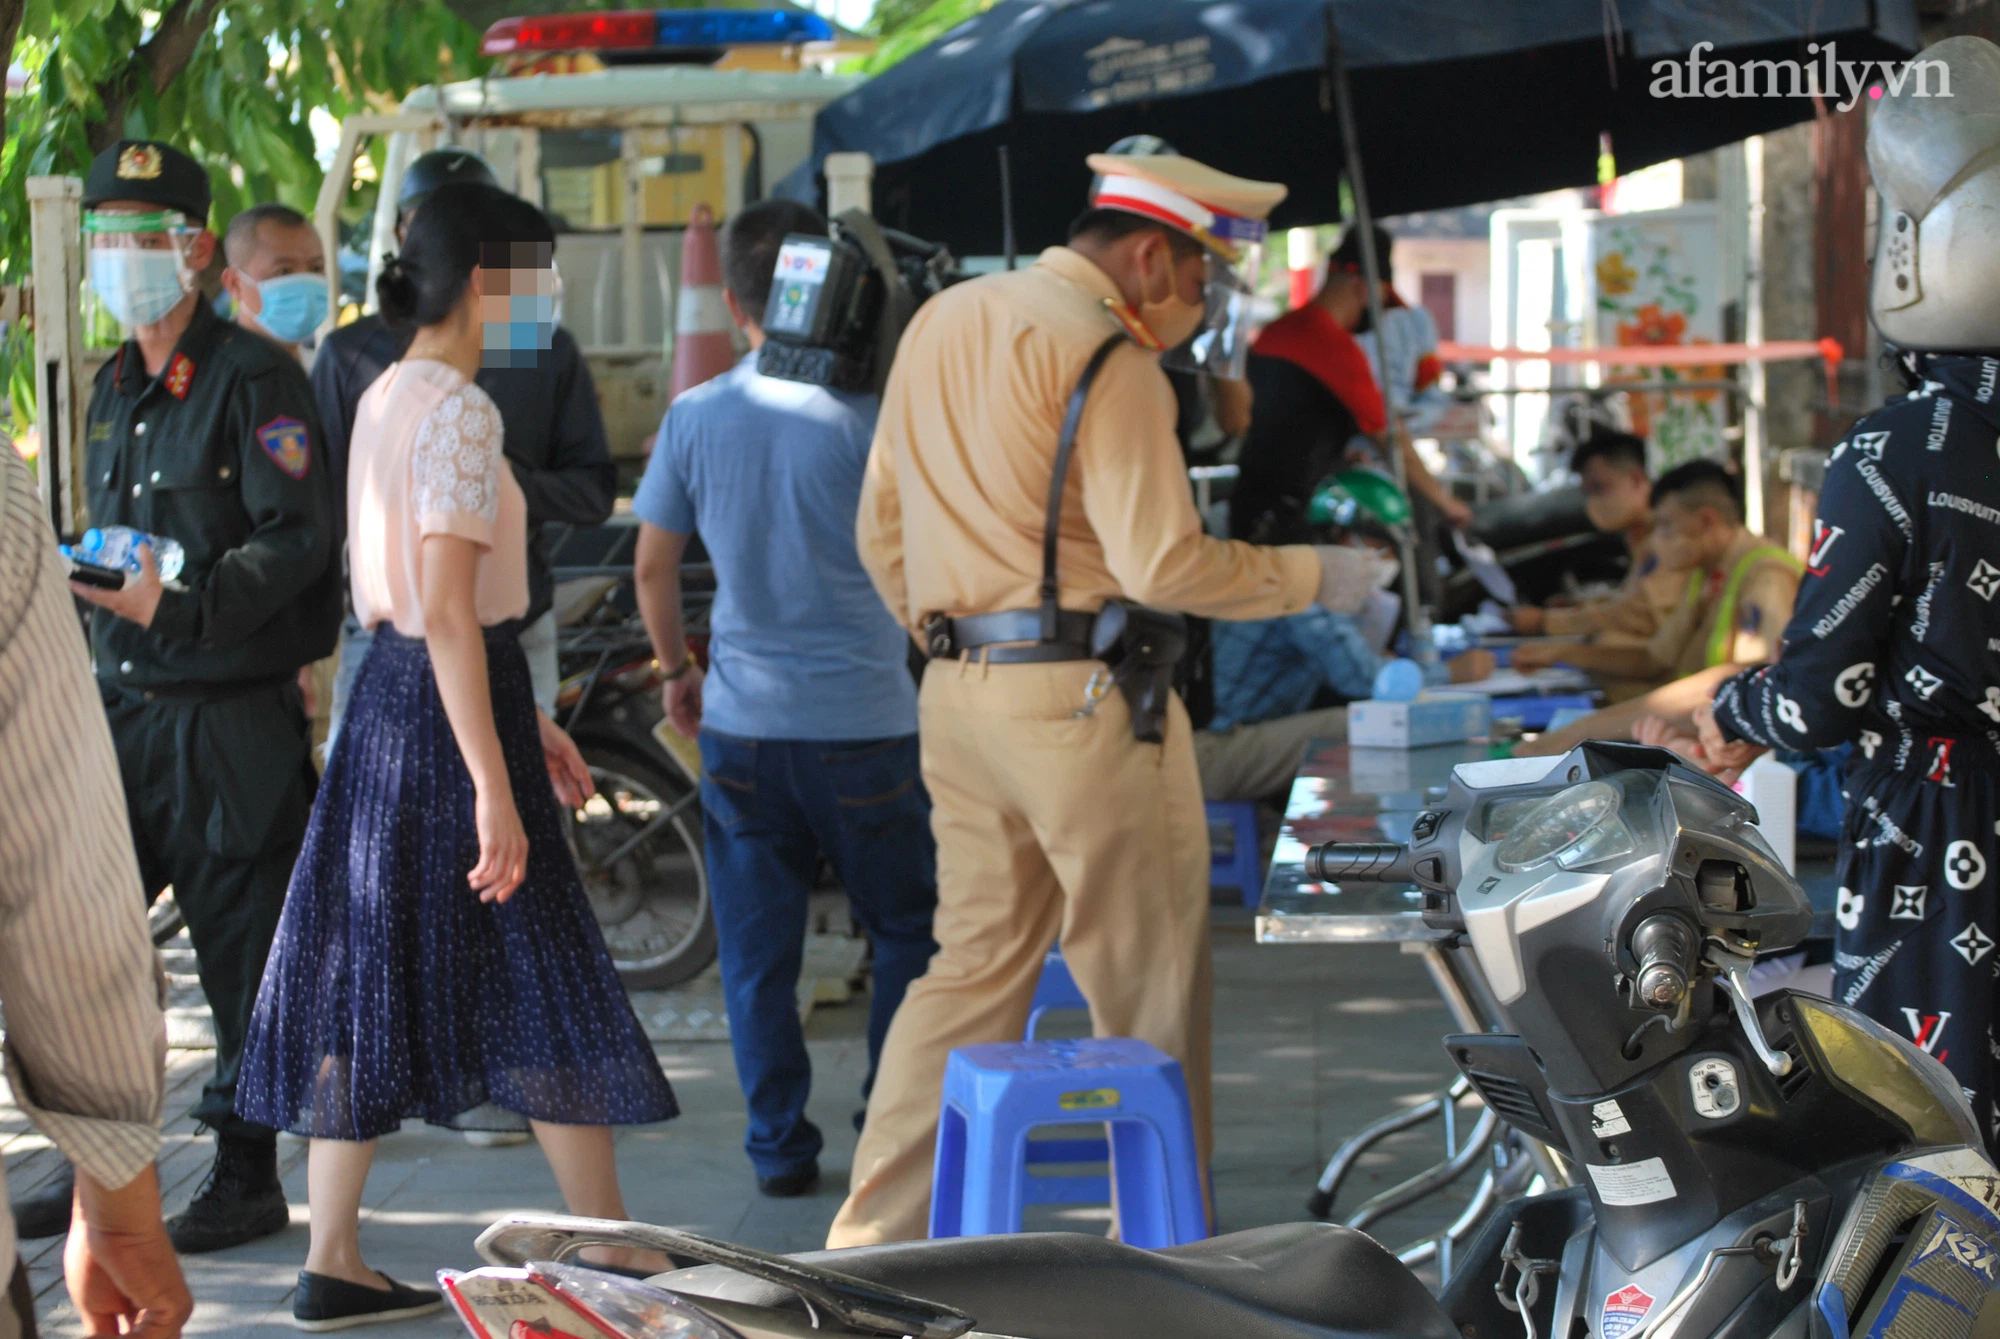 Tổ công tác kiểm tra hành chính đối với những người không có giấy đi đường